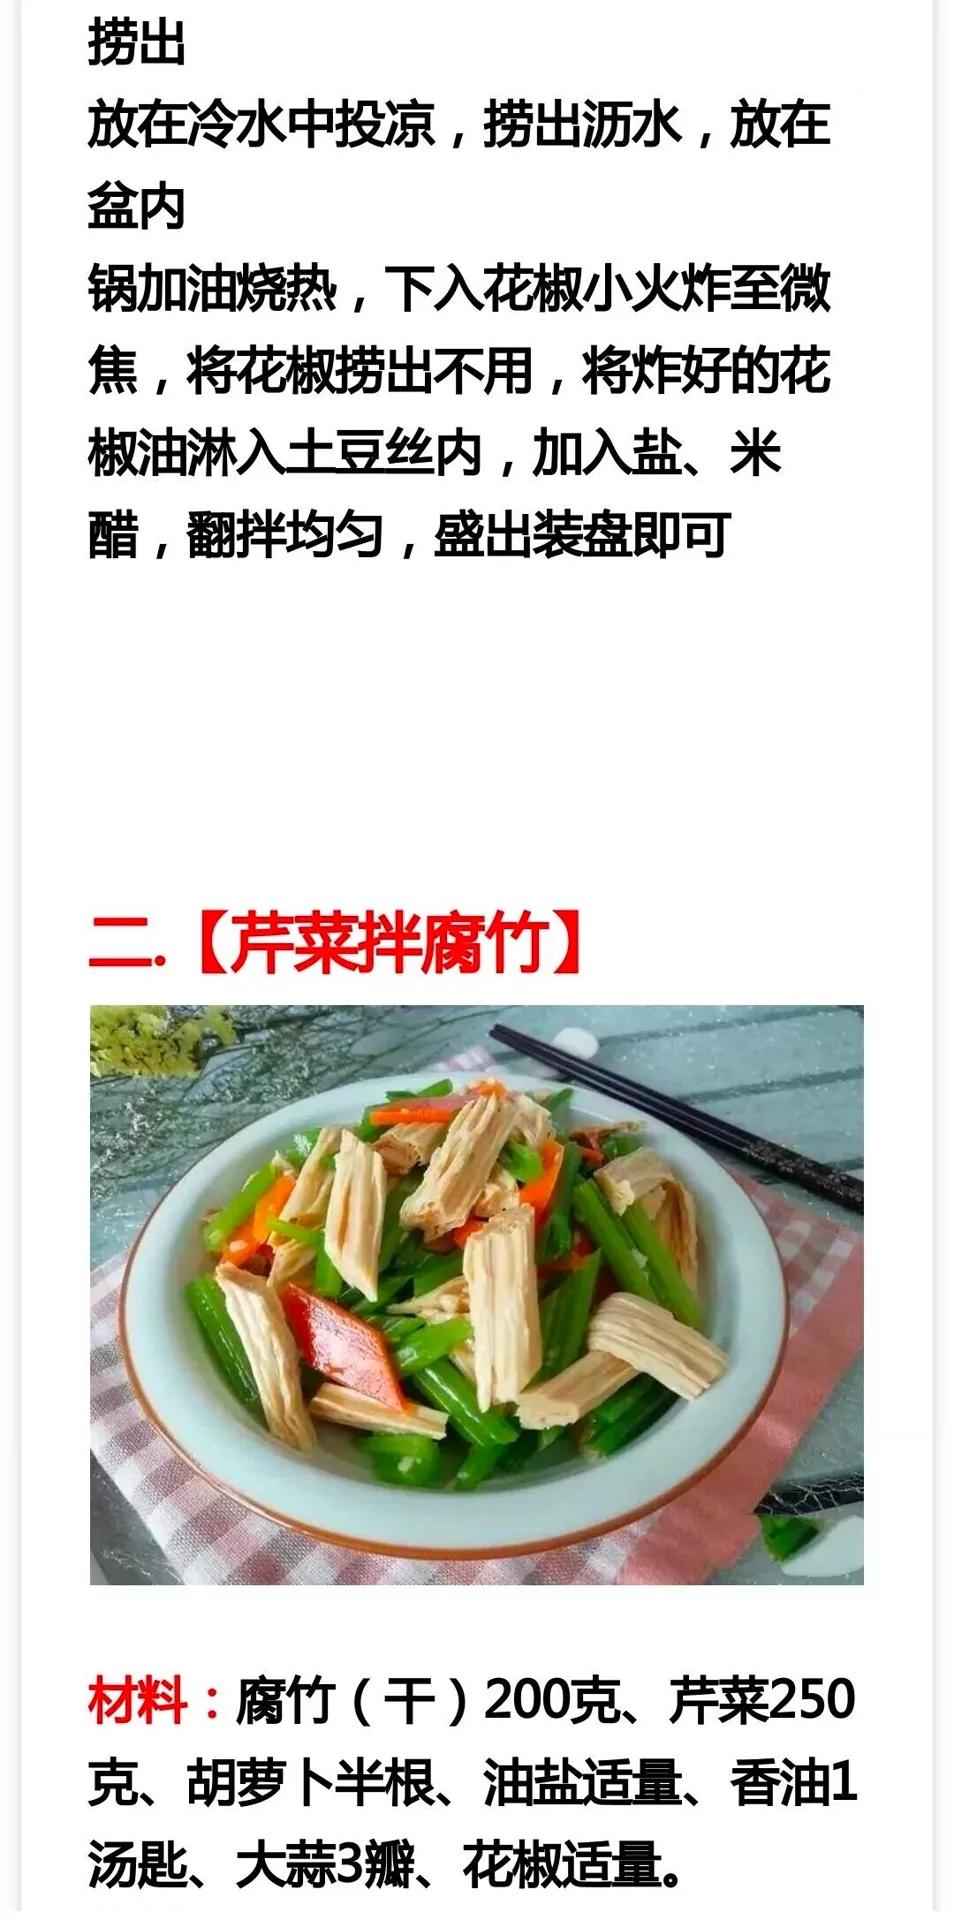 家常凉拌菜做法 美食做法 第3张